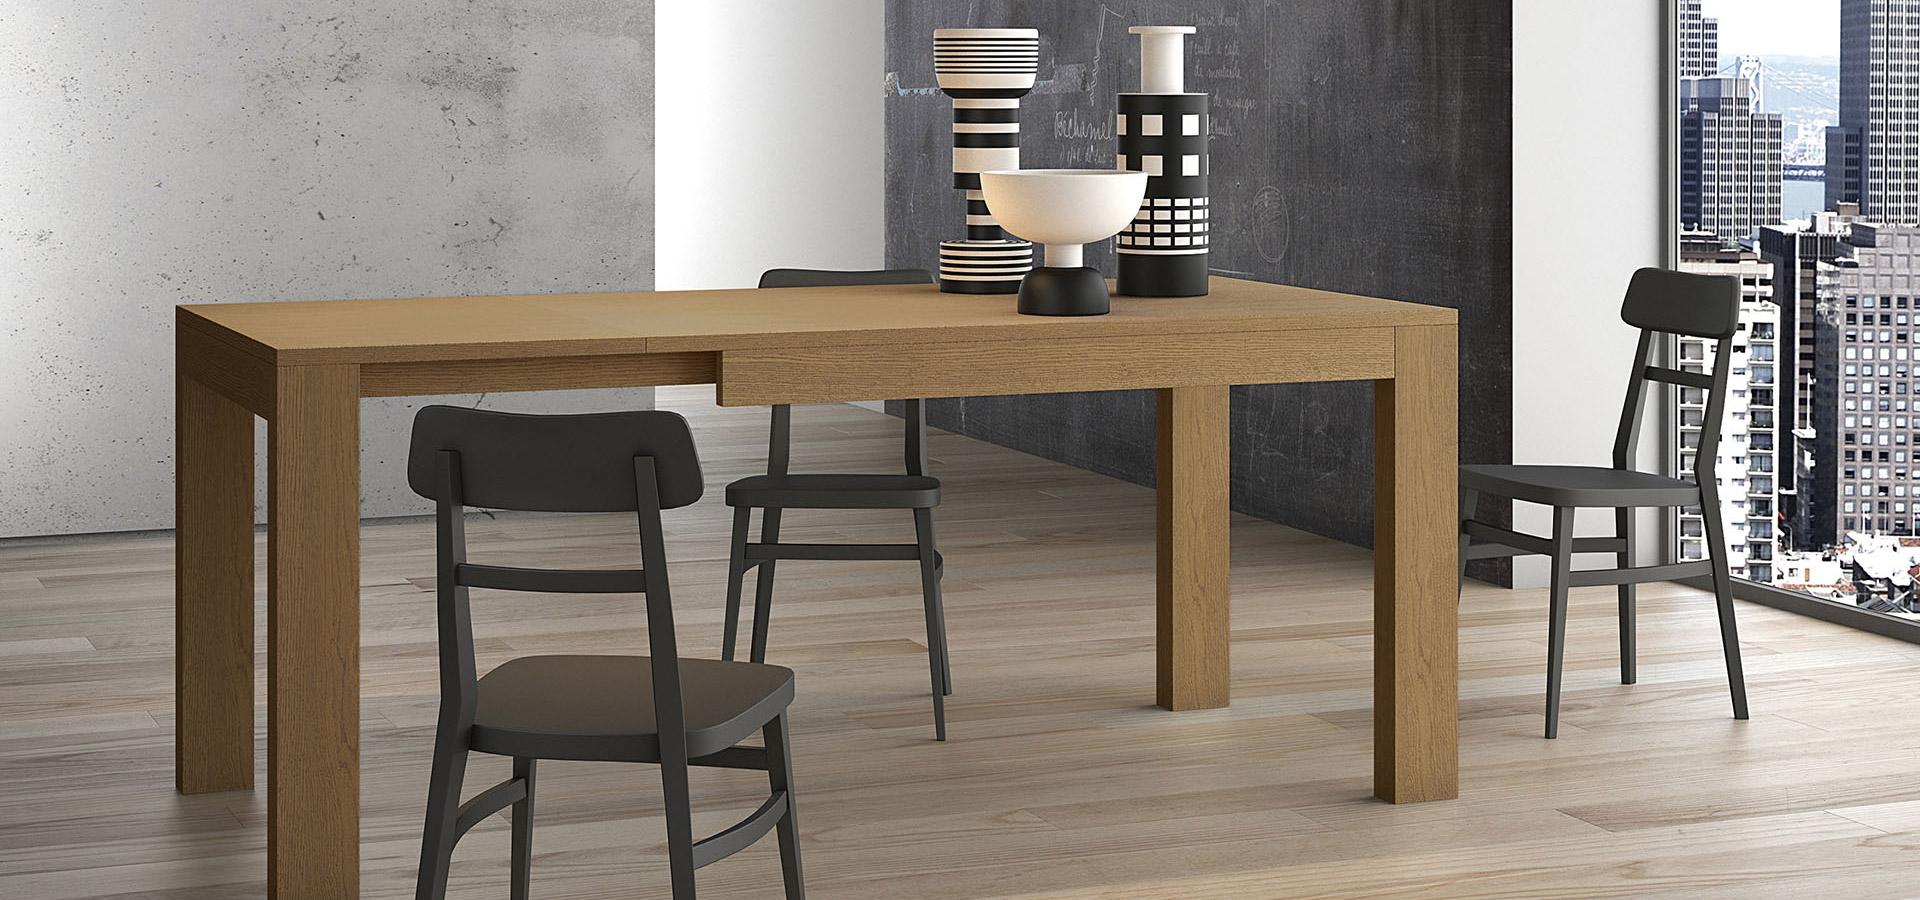 Arredamenti gallomobili mobili udine tavoli legno tavoli allungabili moderni - Seggiolini da tavolo prezzi ...